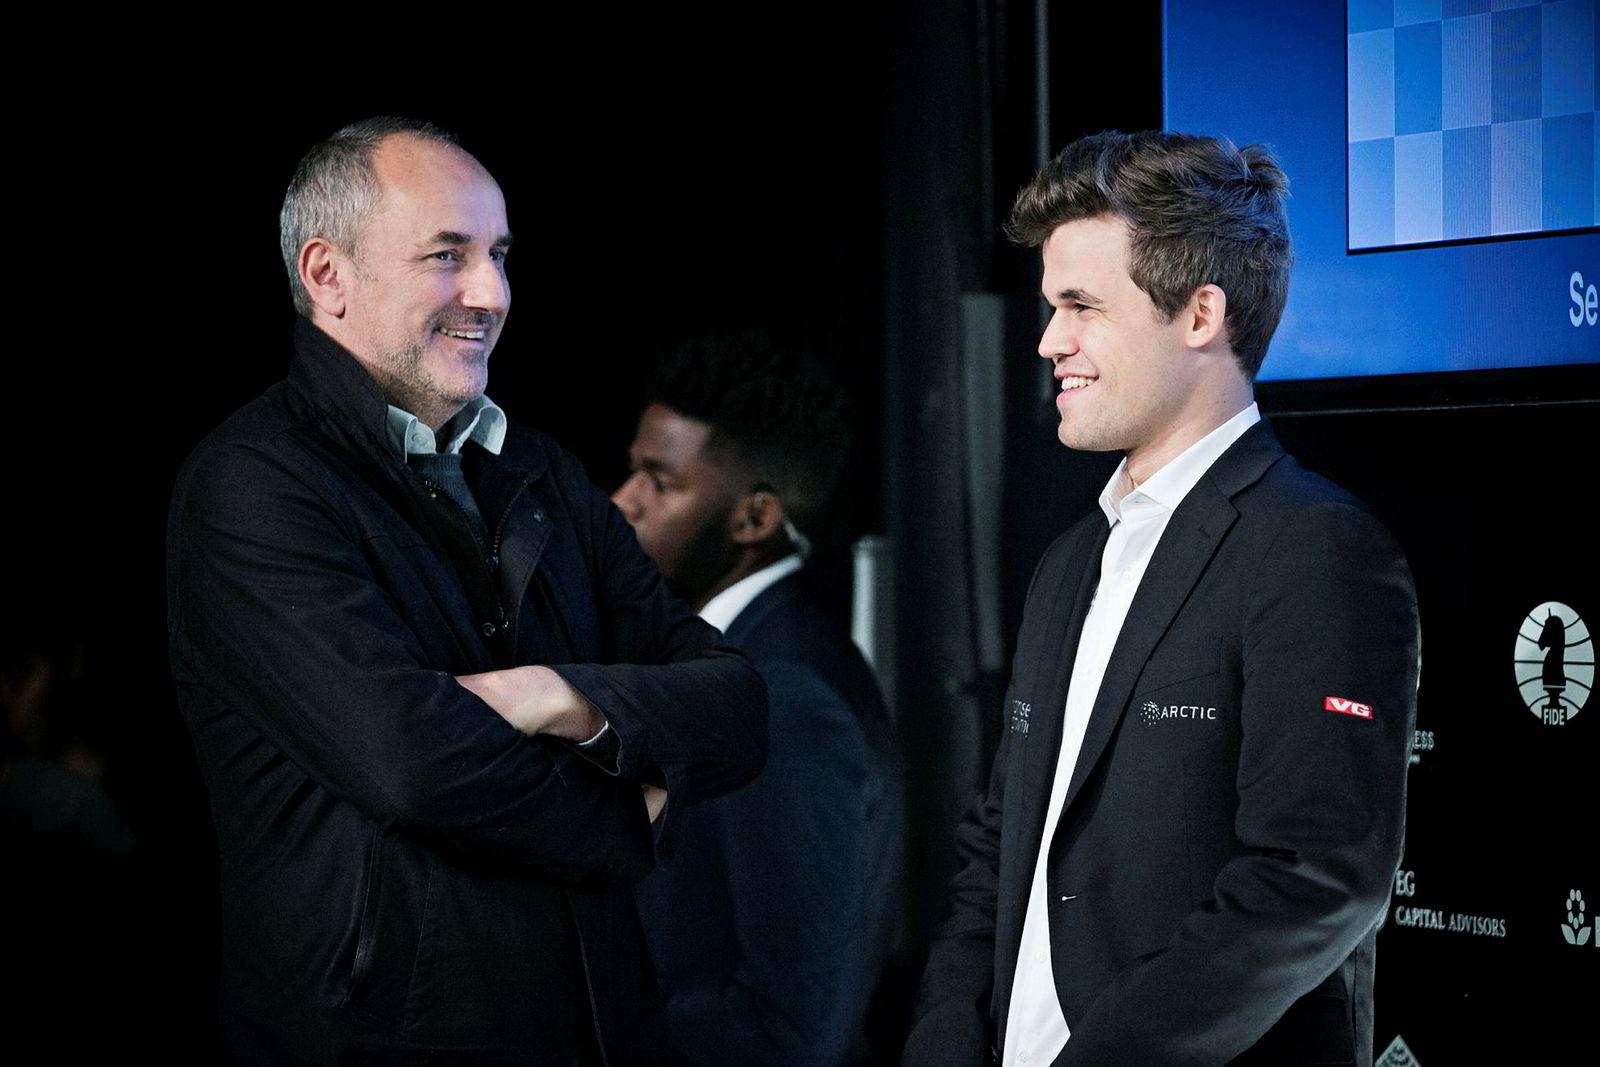 Magnus Carlsen (til høyre) sammen med manager Espen Agdestein etter det niende partiet under Sjakk-VM i New York i 2016.